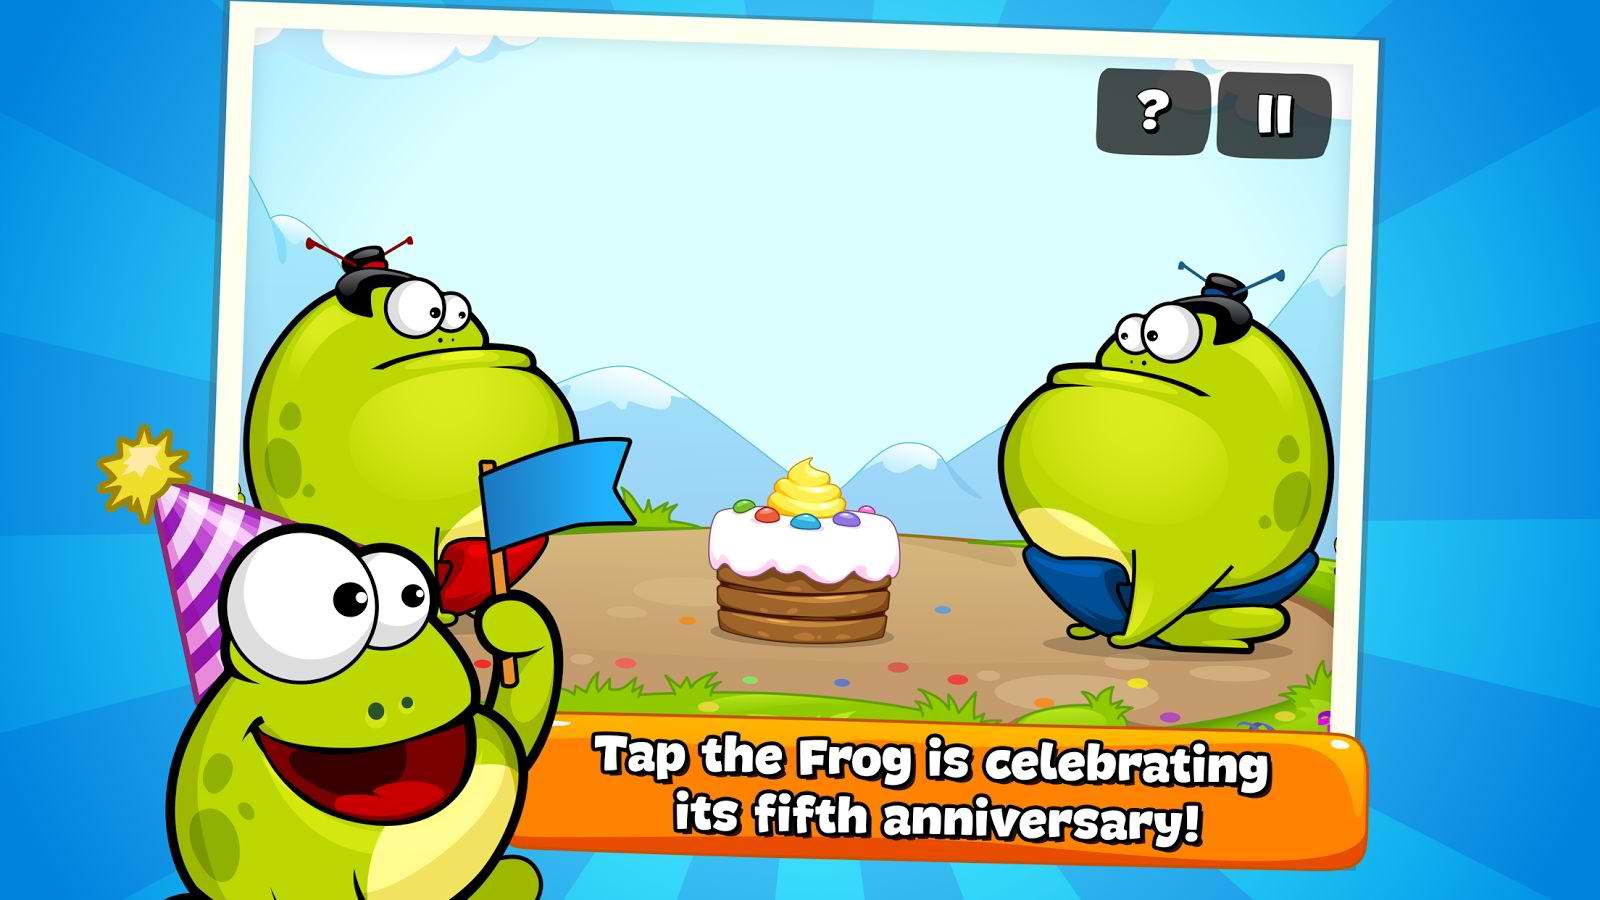 دانلود بازی قورباغه برای اندروید Tap the Frog HD